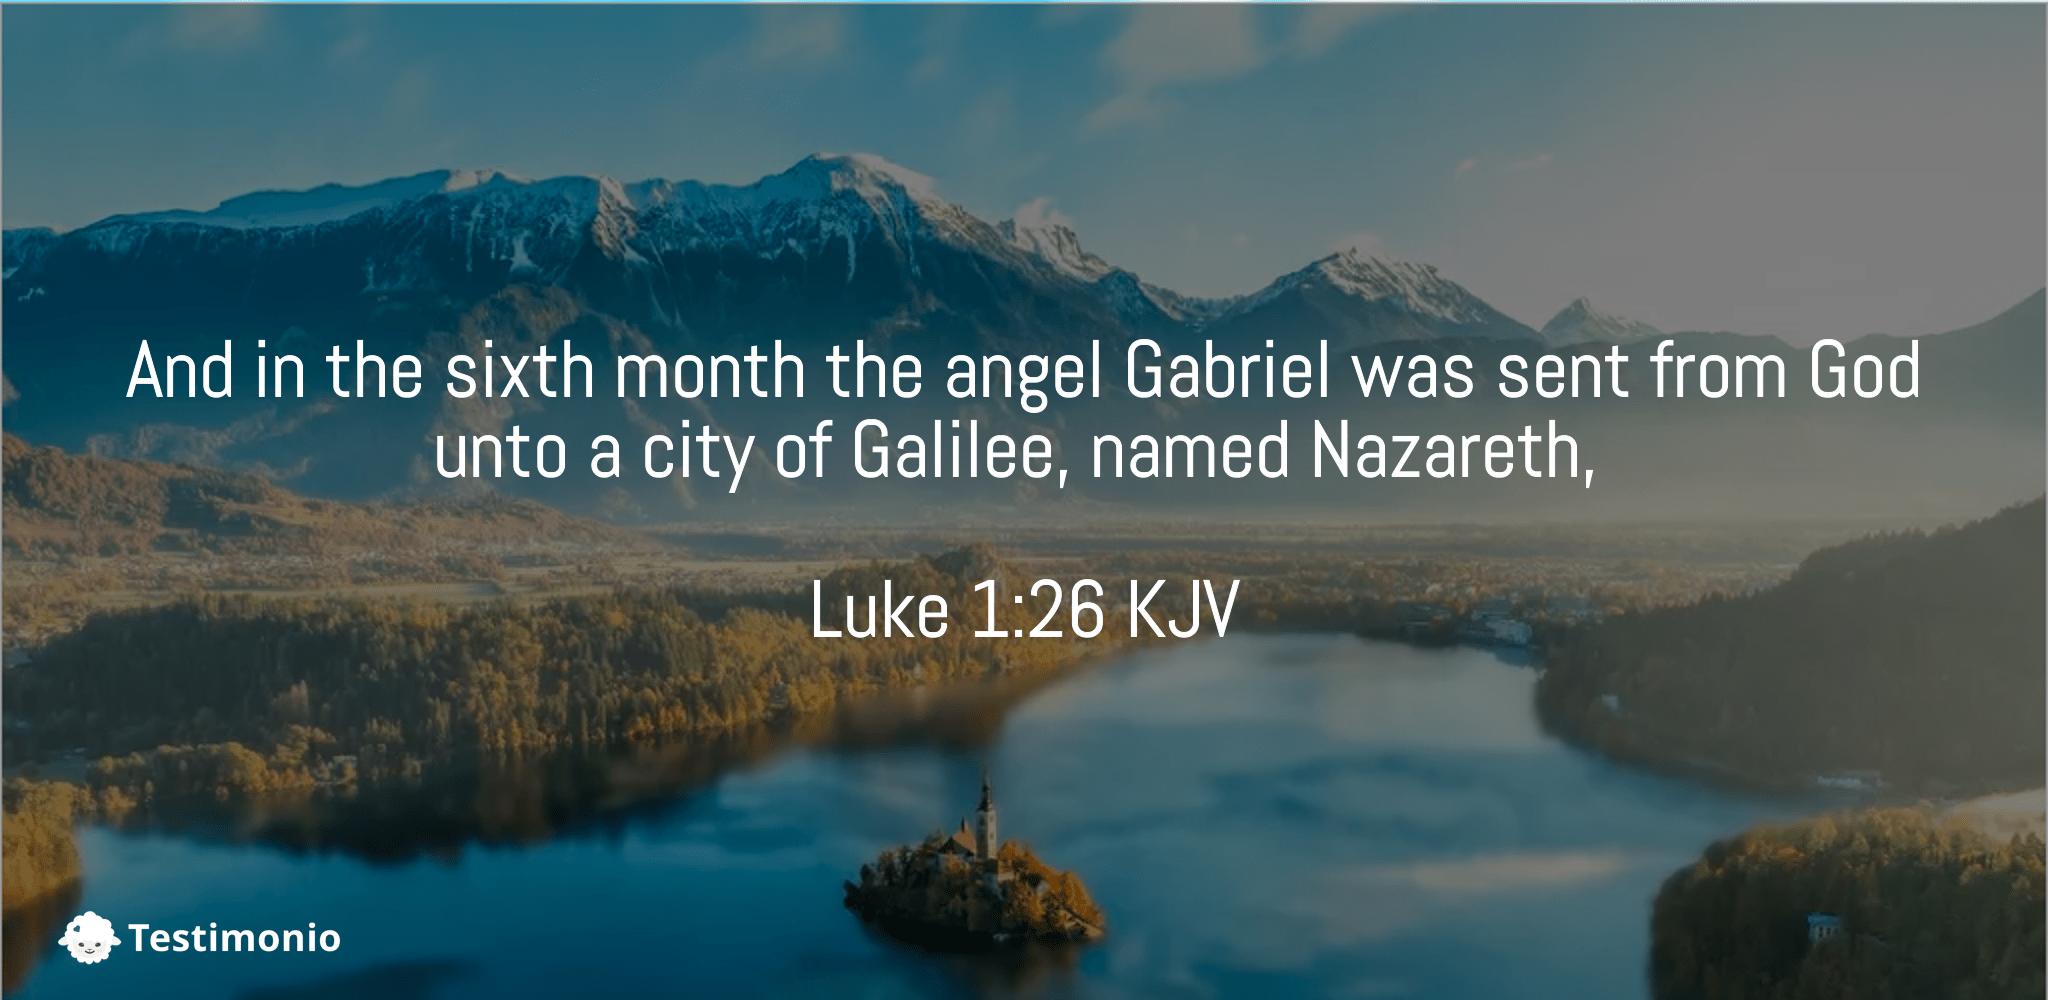 Luke 1:26